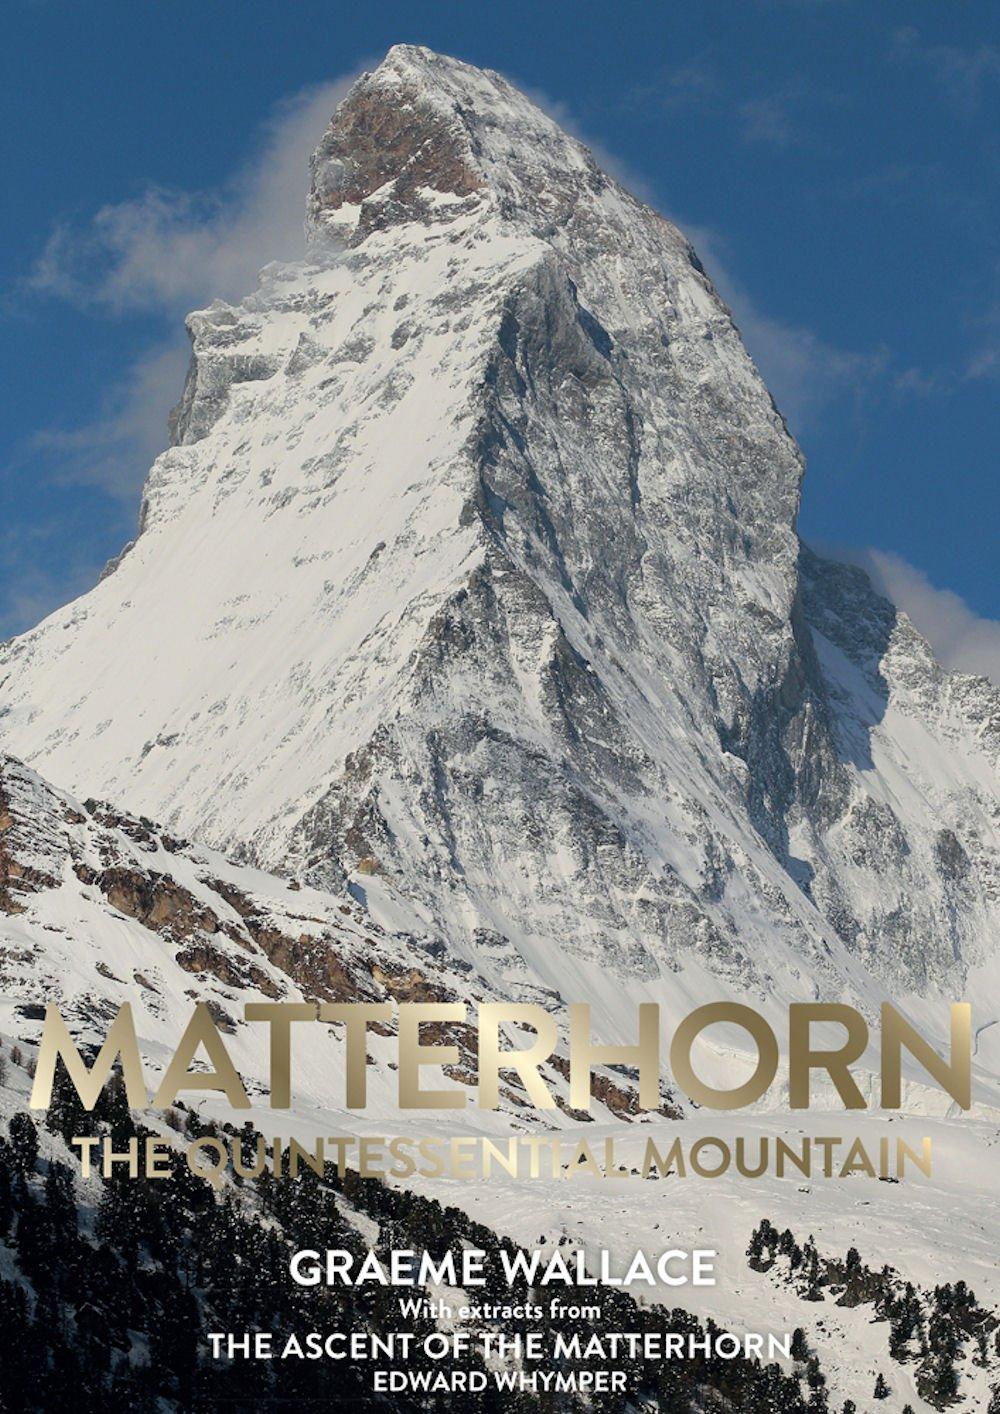 Matterhorn: The Quintessential Mountain